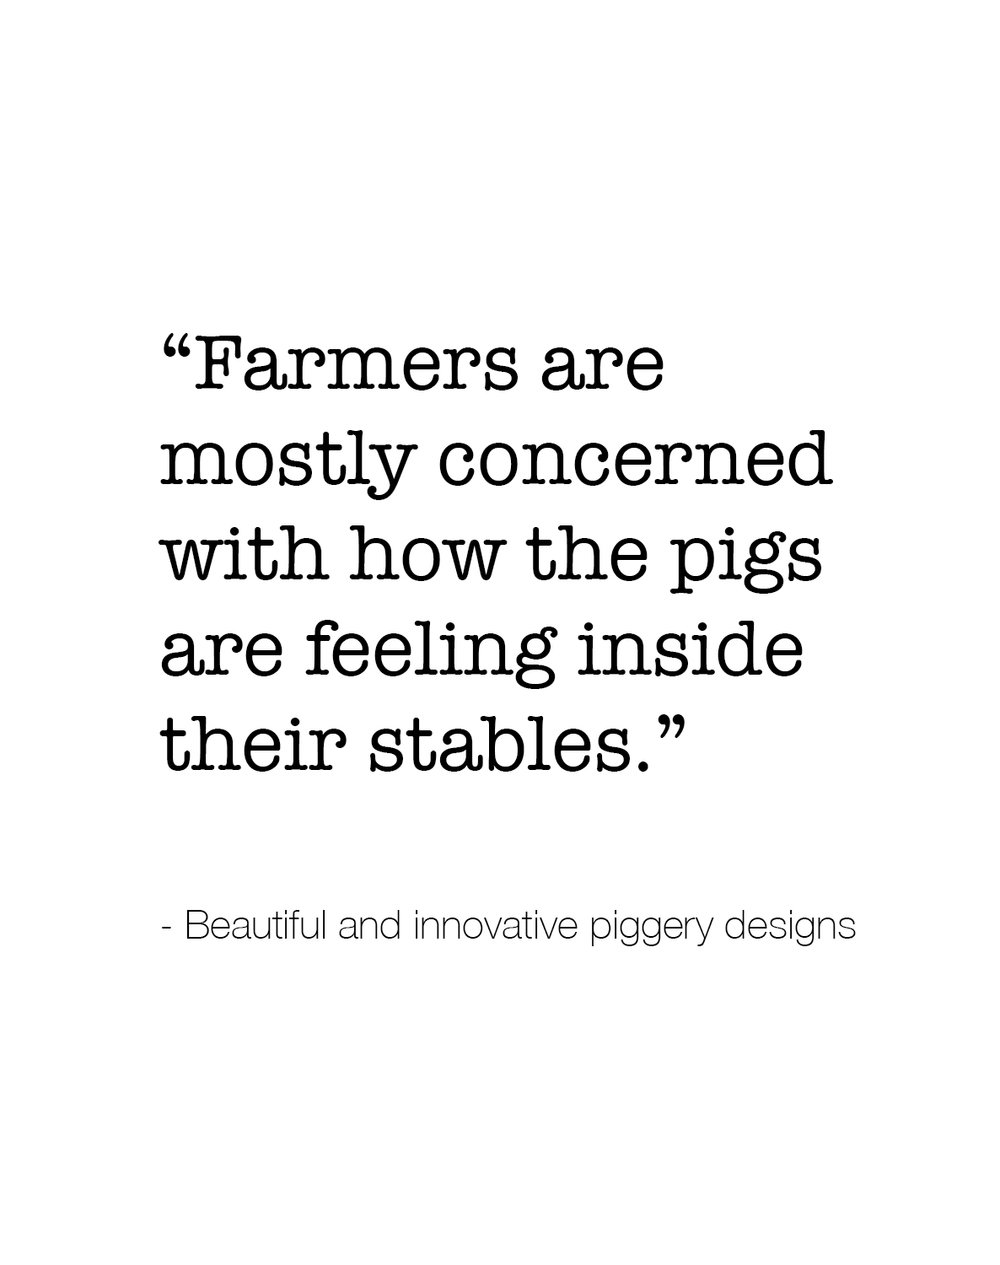 Text Farmers.jpg